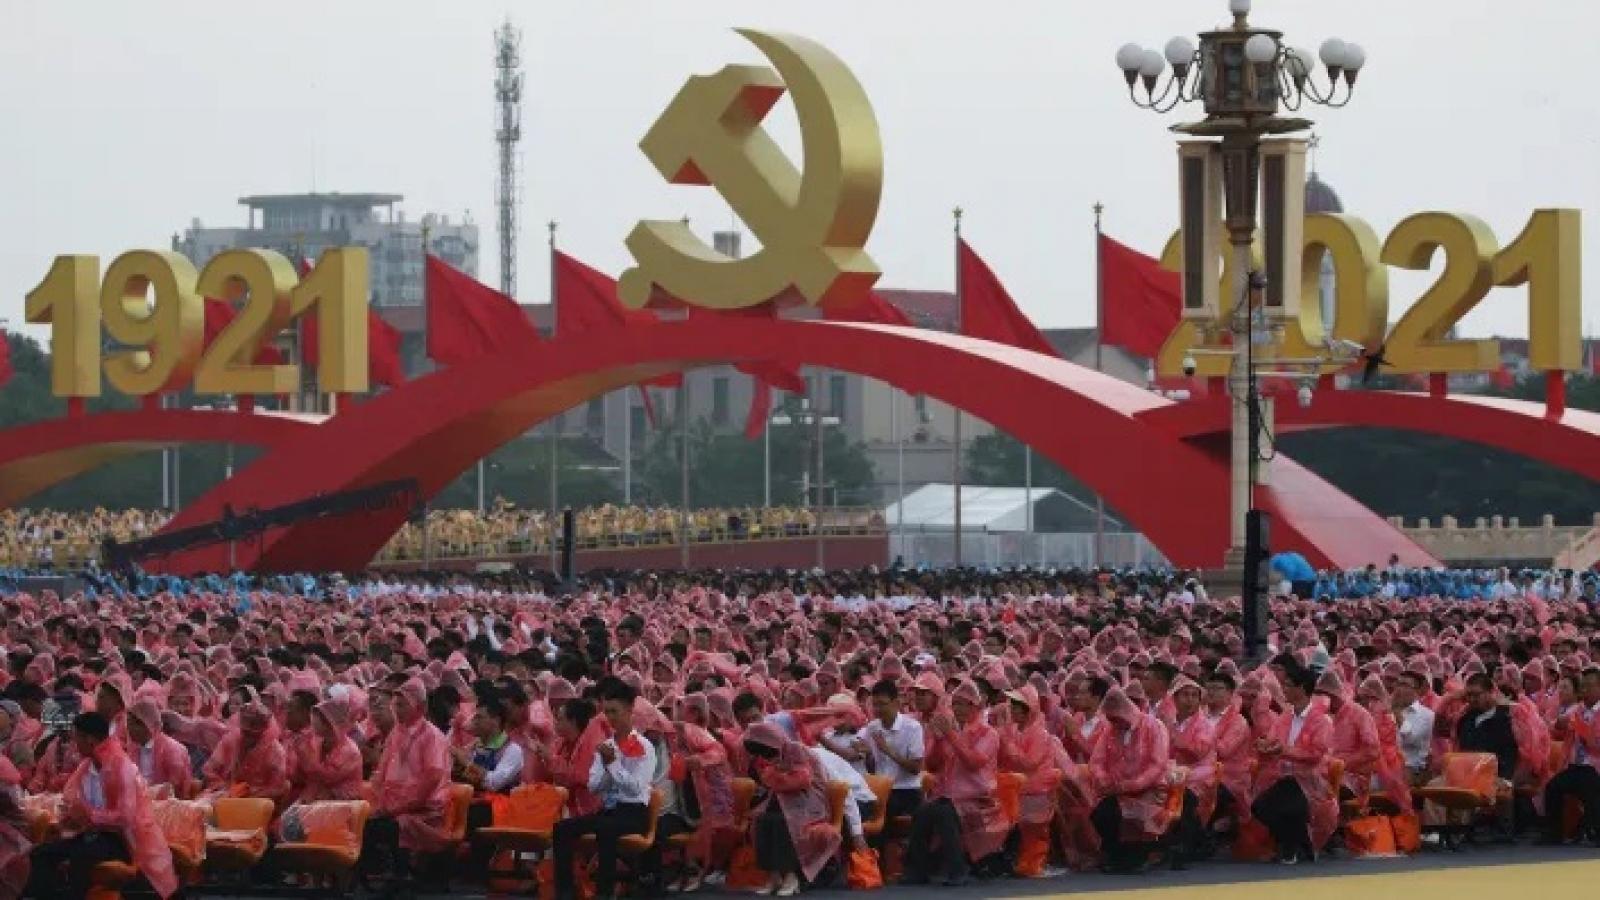 Nội dung chính trong phát biểu của ông Tập Cận Bình về Đảng Cộng sản Trung Quốc